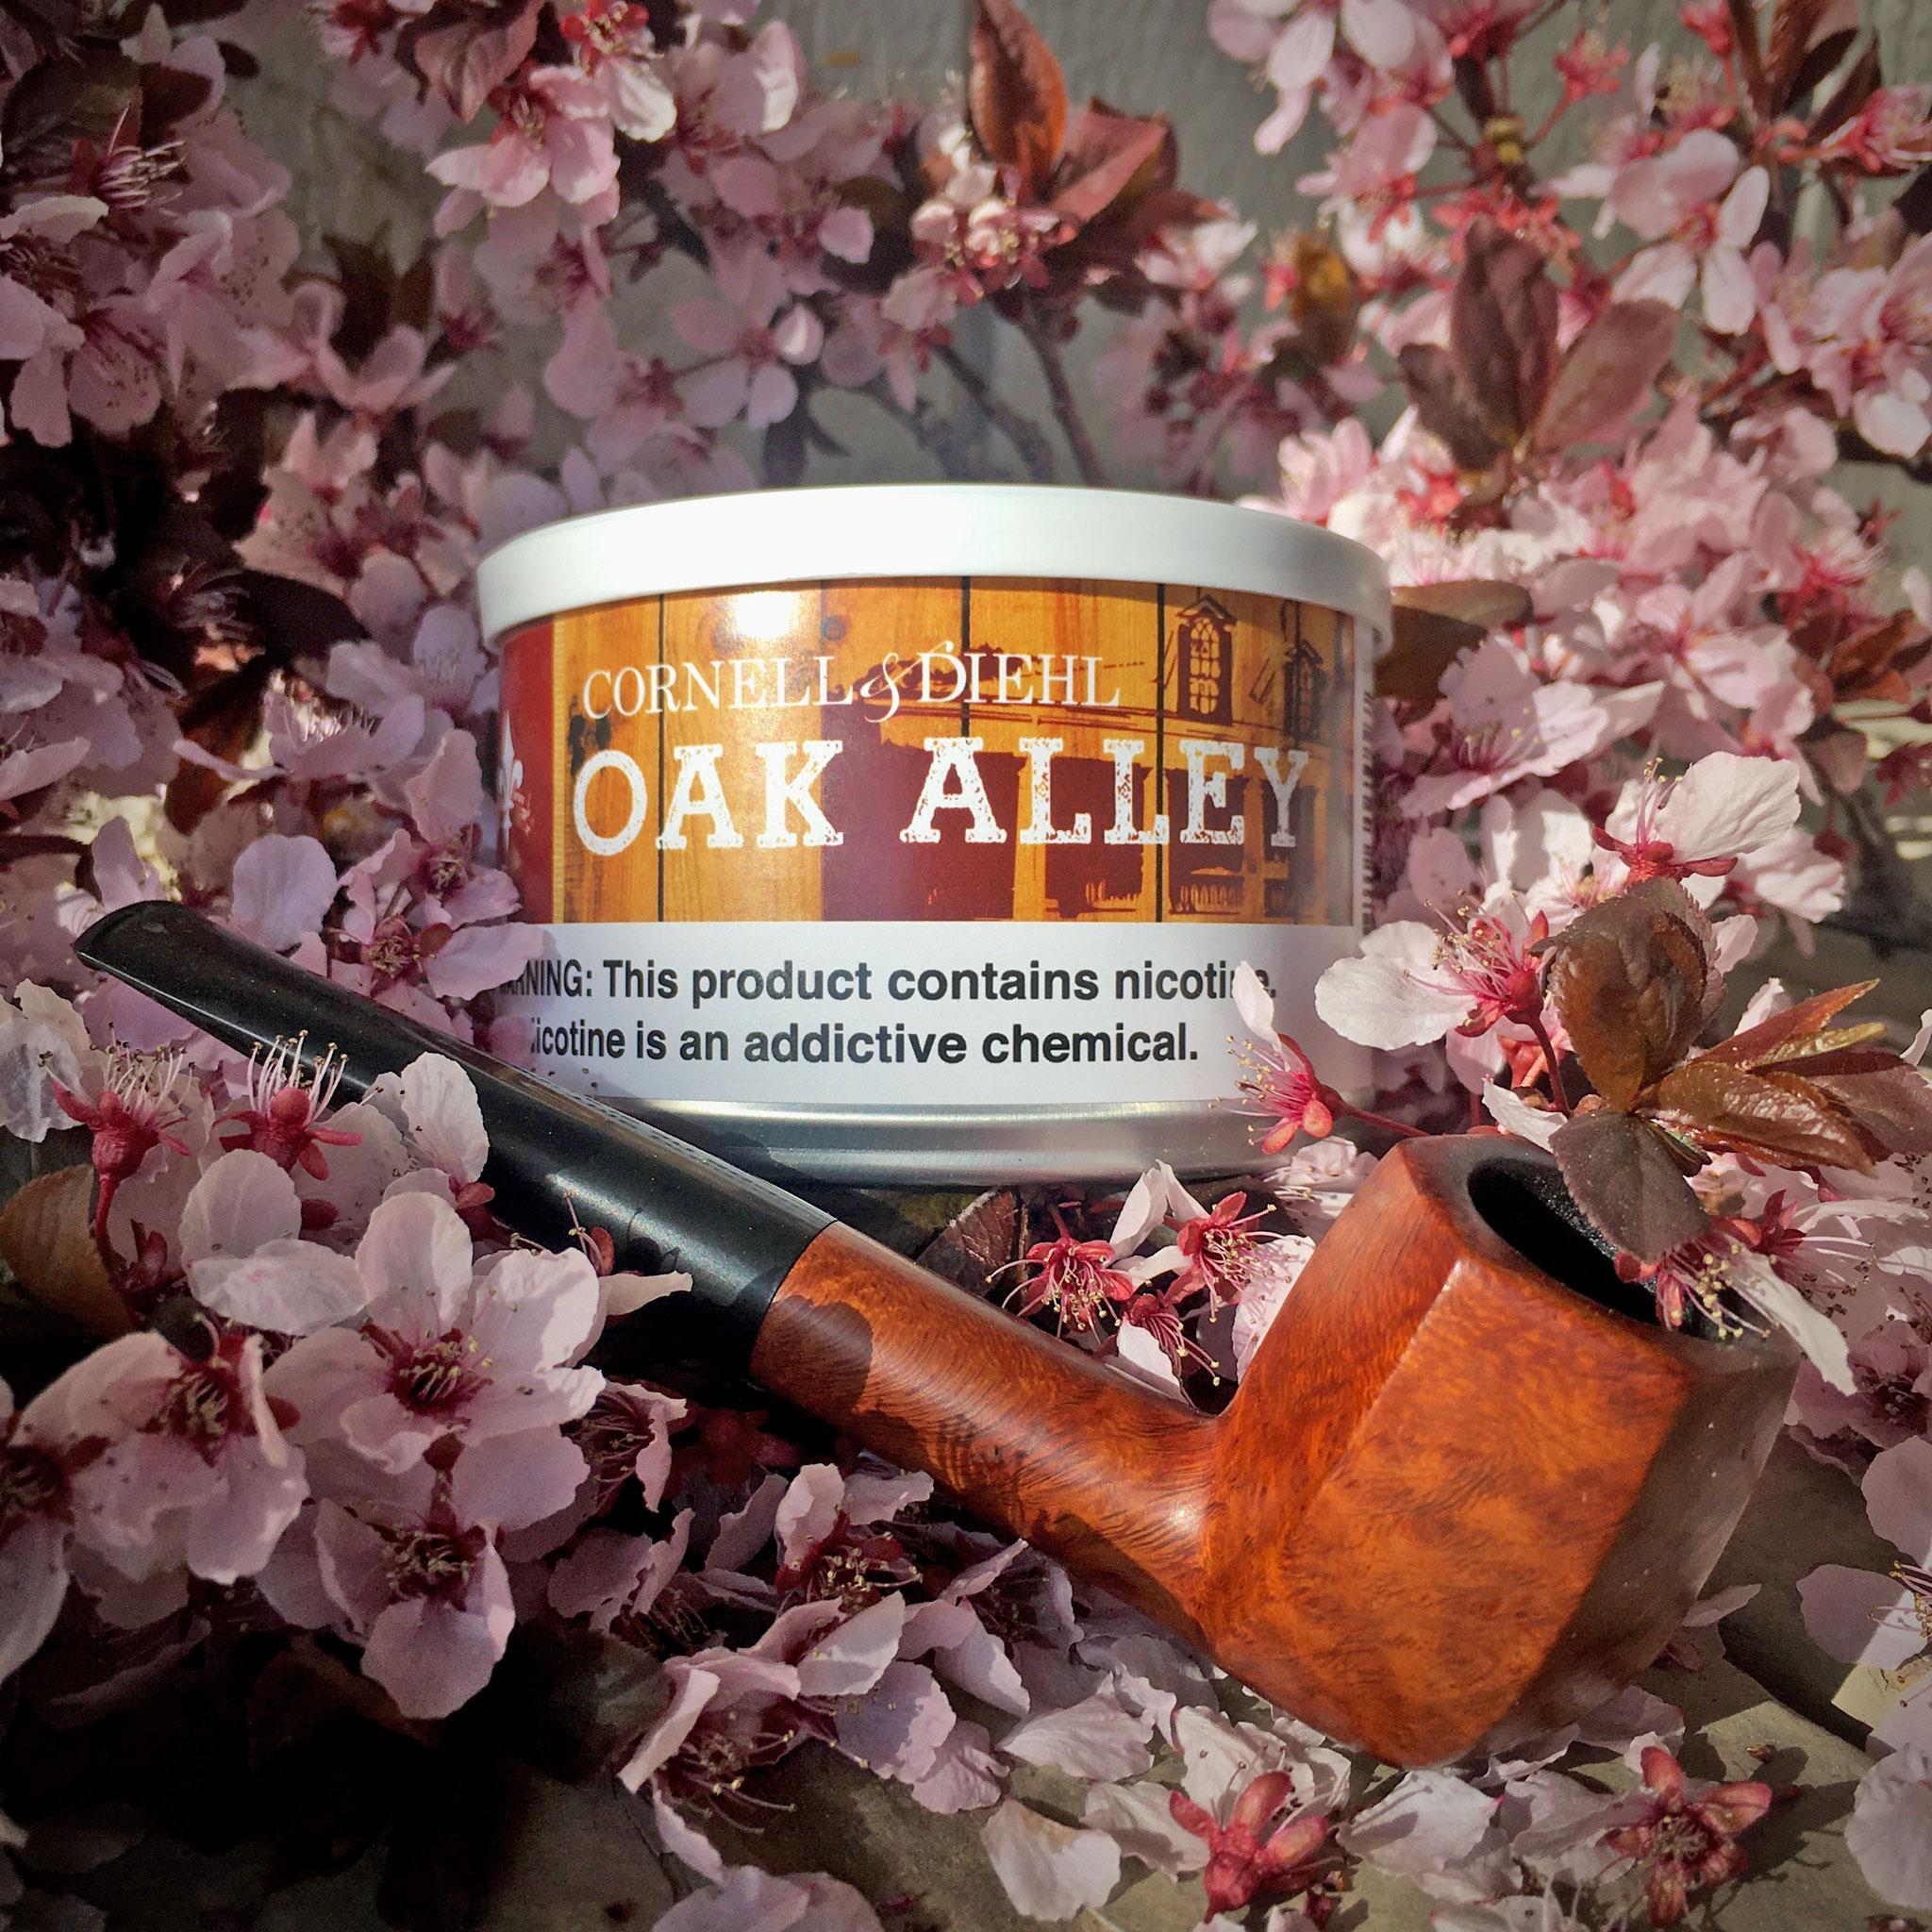 Cornell & Diehl Oak Alley